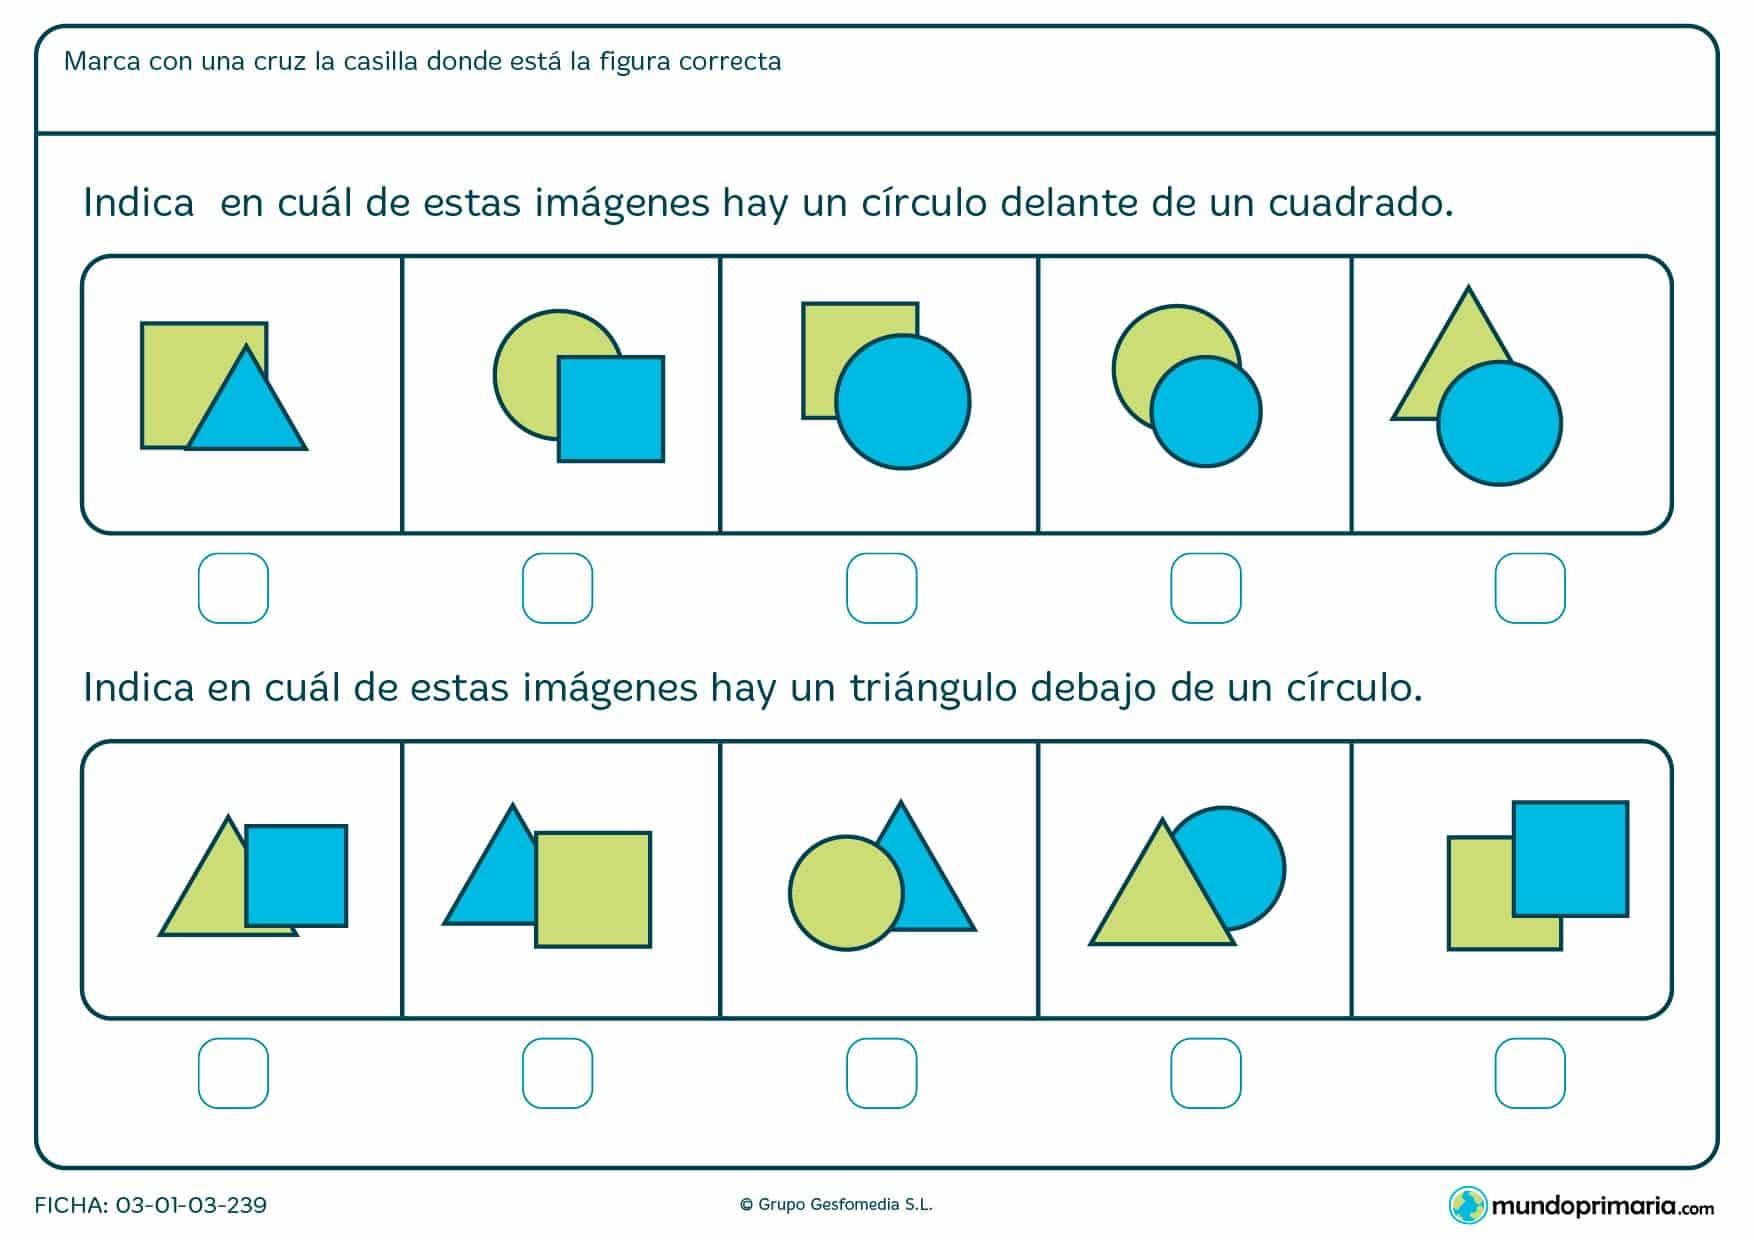 Ficha de identificar la posición de las figuras en la que hay que marcar la imagen donde se encuentren las figuras correctas.